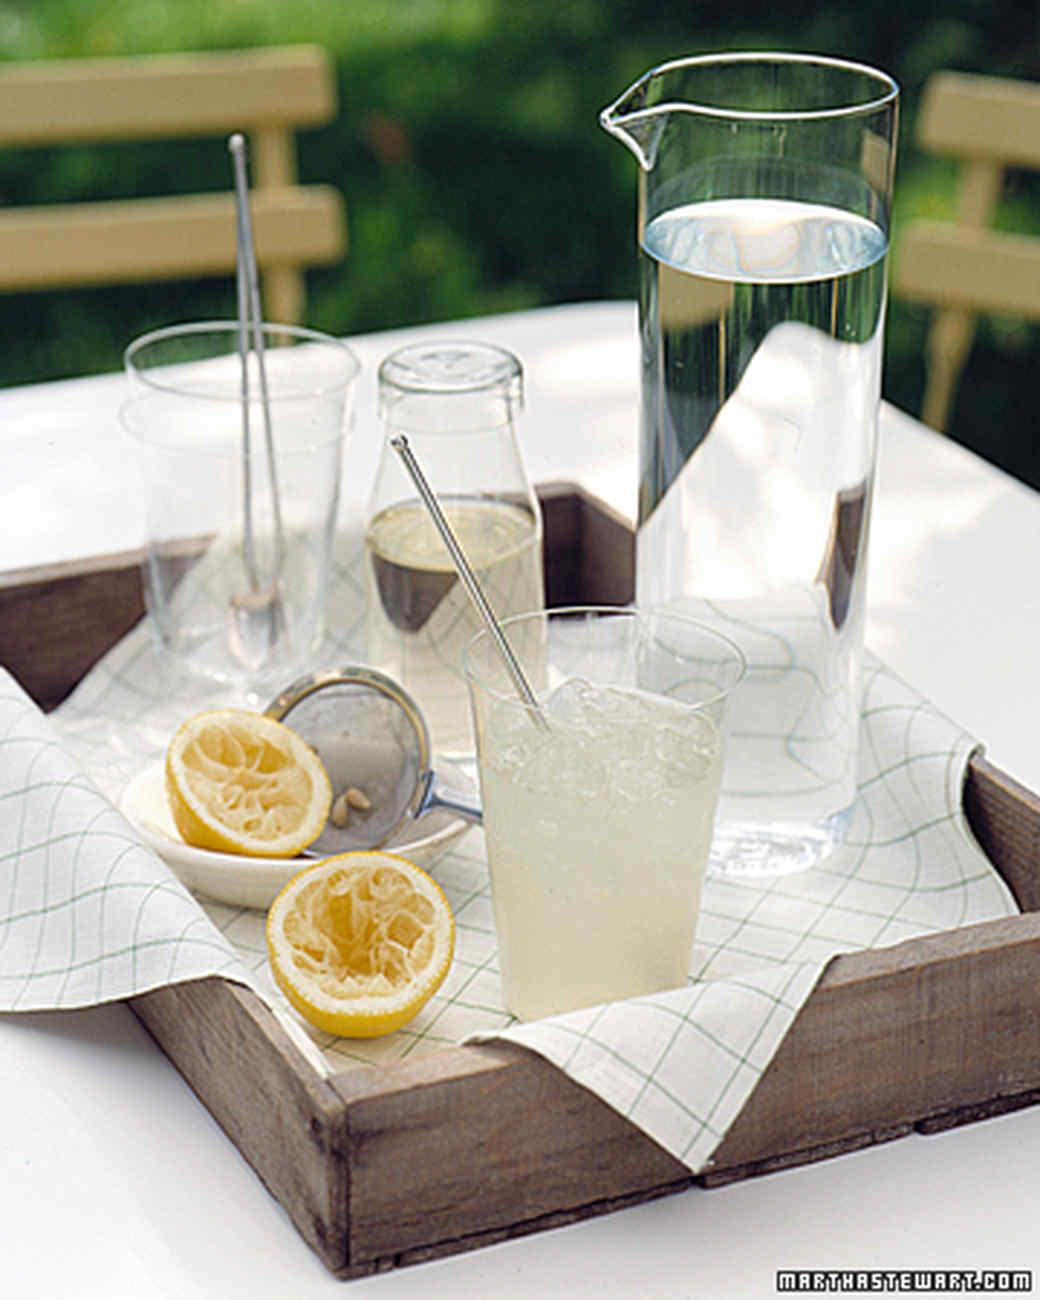 gt02junmsl_lemonade01.jpg